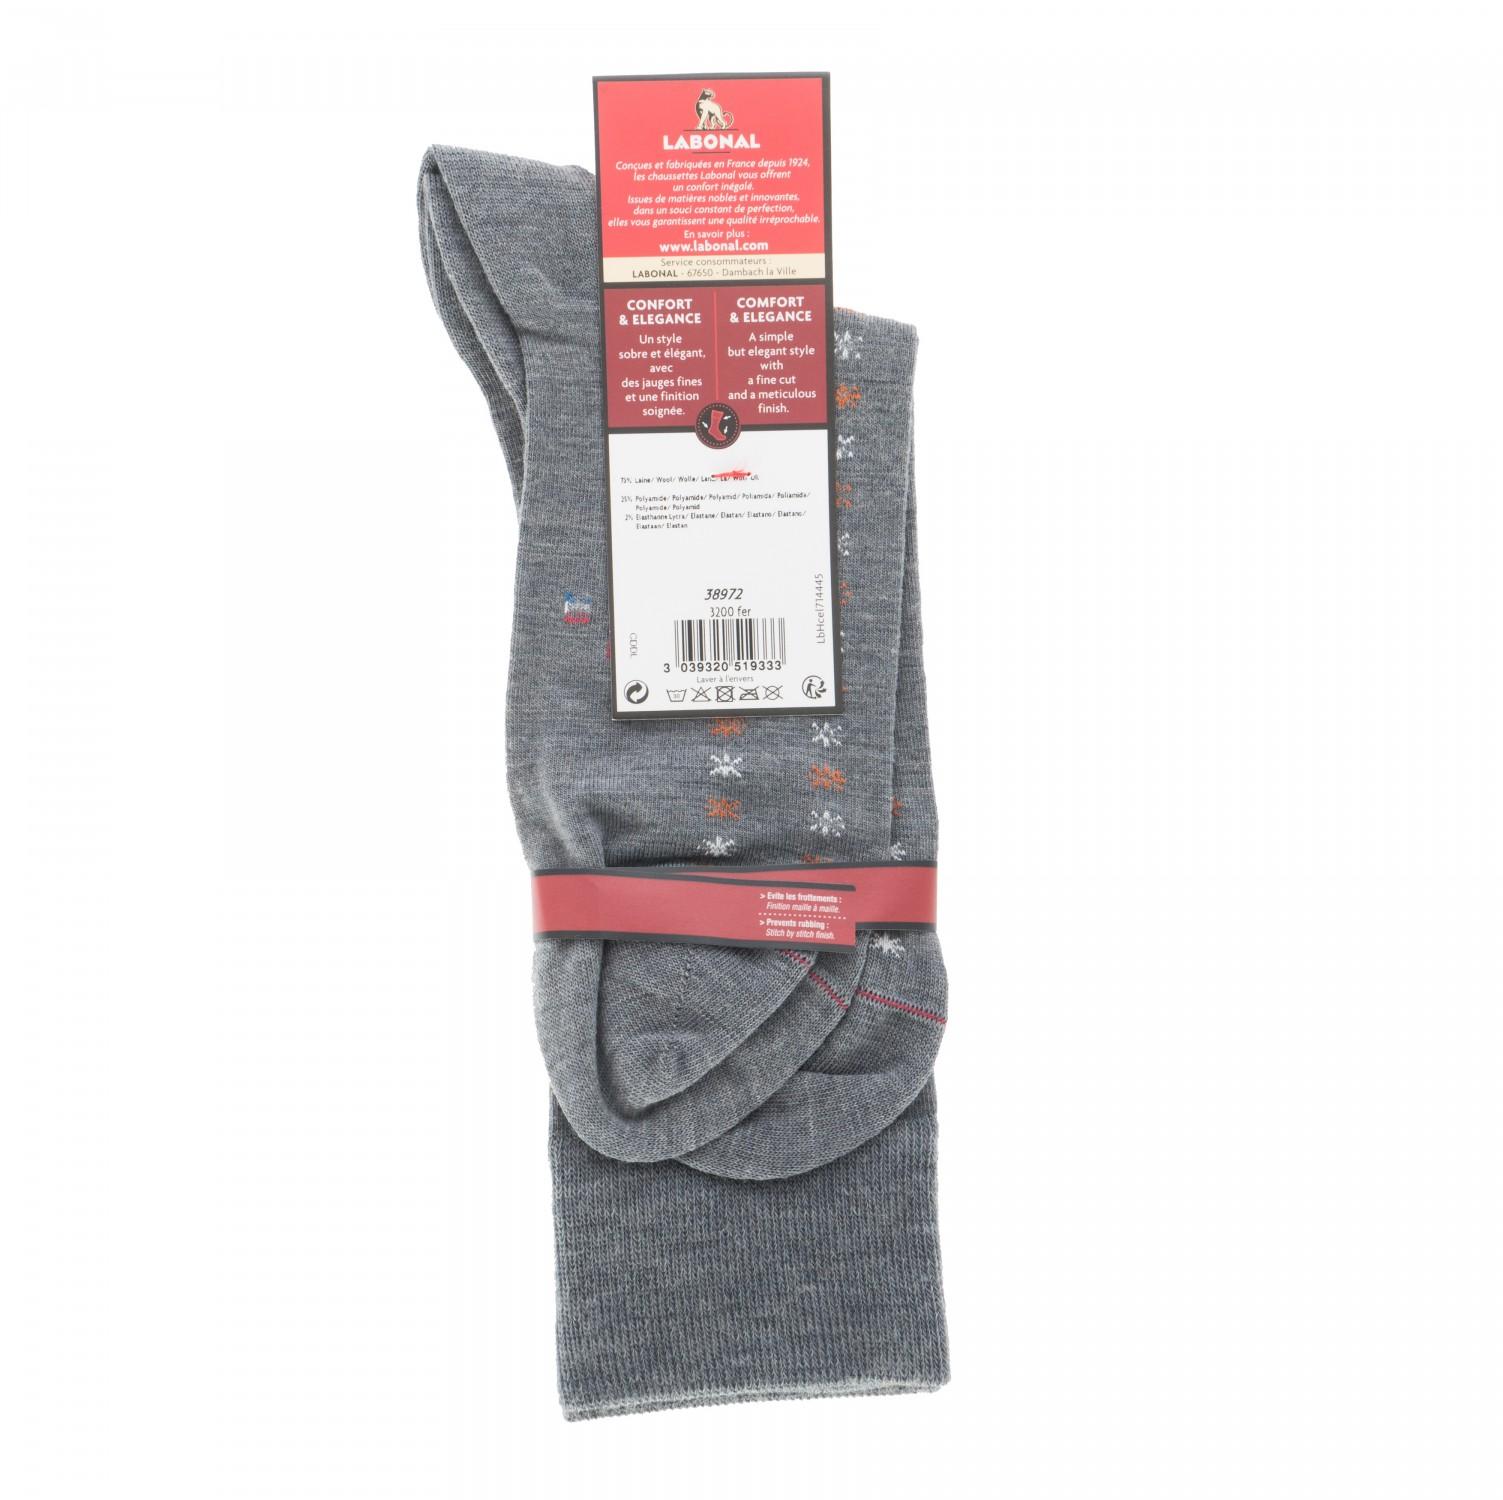 mi chaussettes semis toiles laine sans couture fer labonal. Black Bedroom Furniture Sets. Home Design Ideas